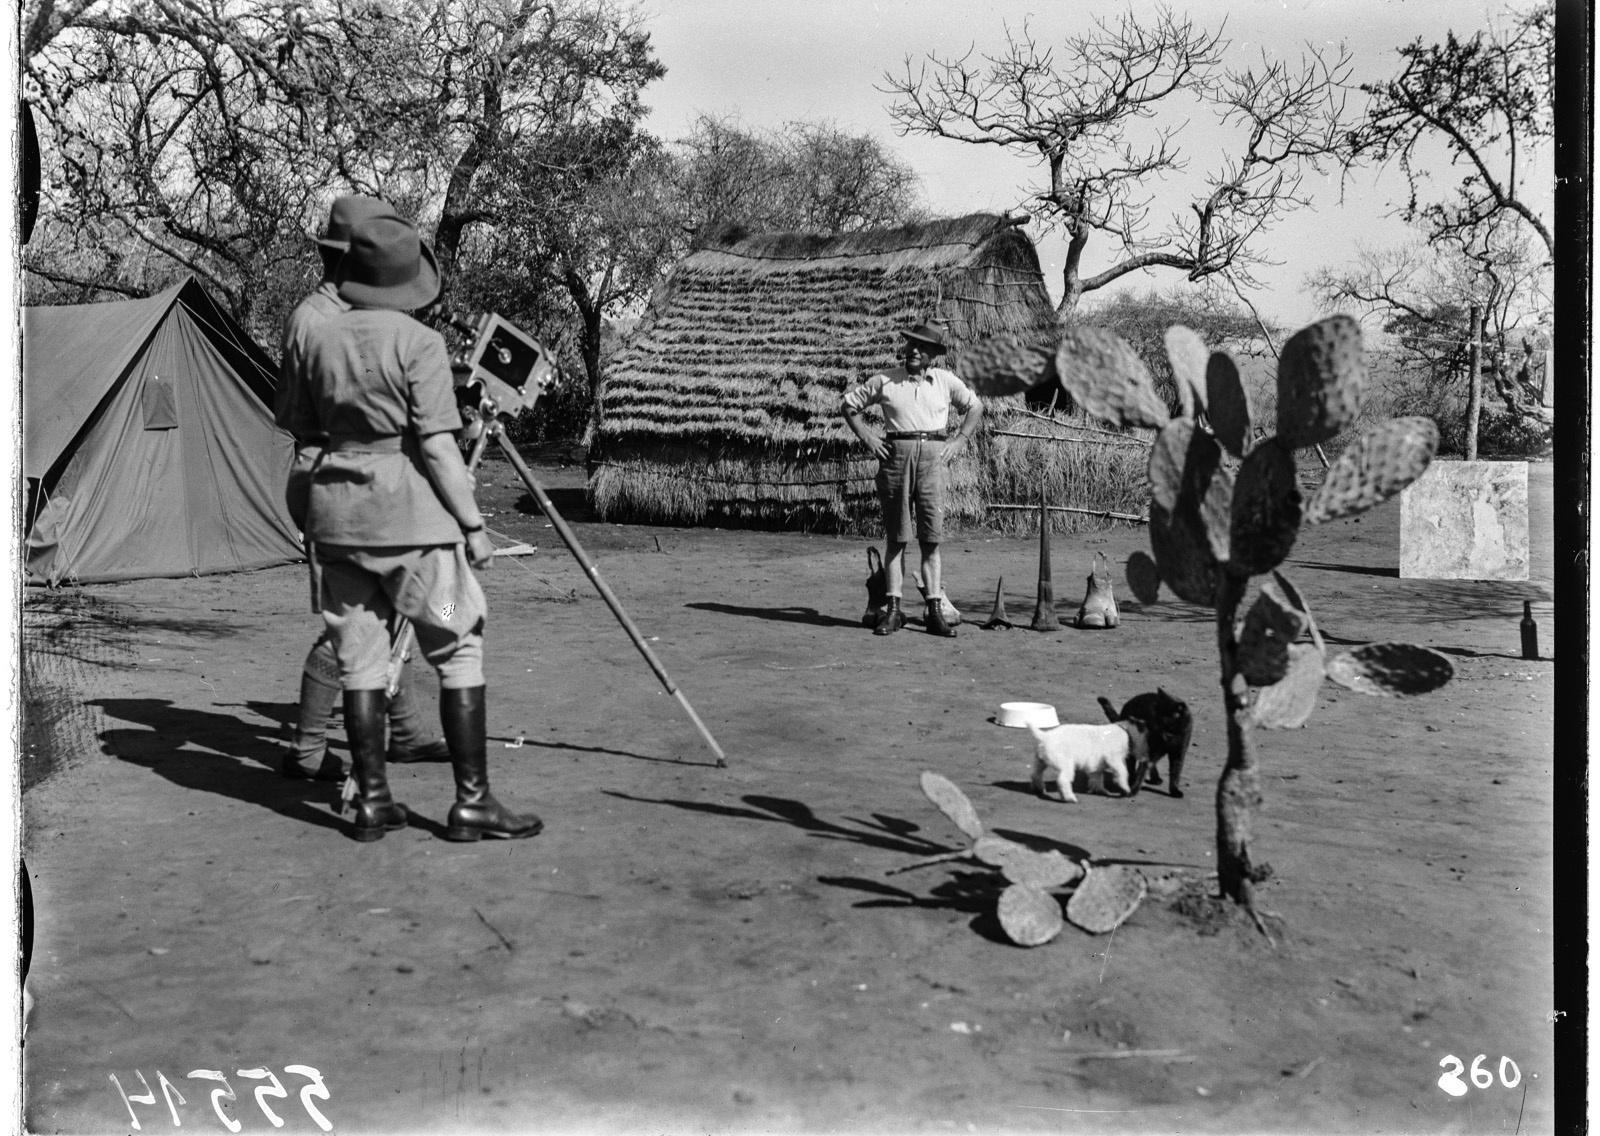 Южно-Африканский Союз. В окрестностях Претории. Участники экспедиции снимают в поселке. Камера направлена на собаку и кошку